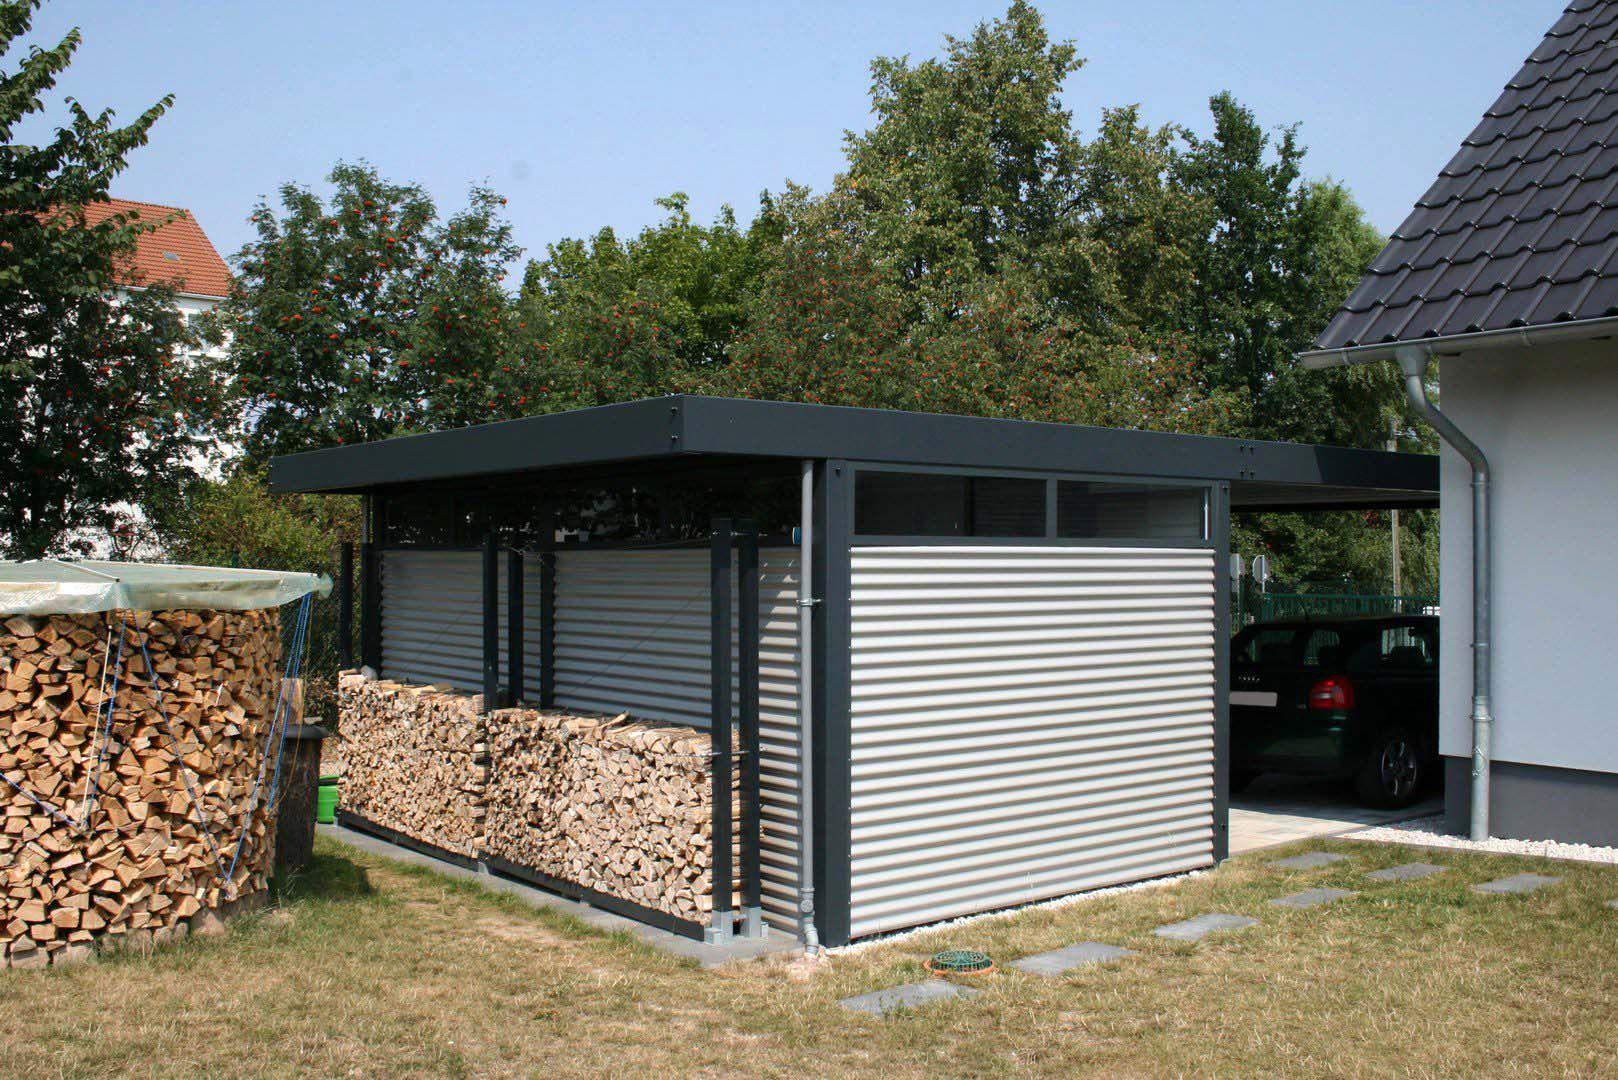 Design Metall Carport aus Stahl Blech mit Abstellraum